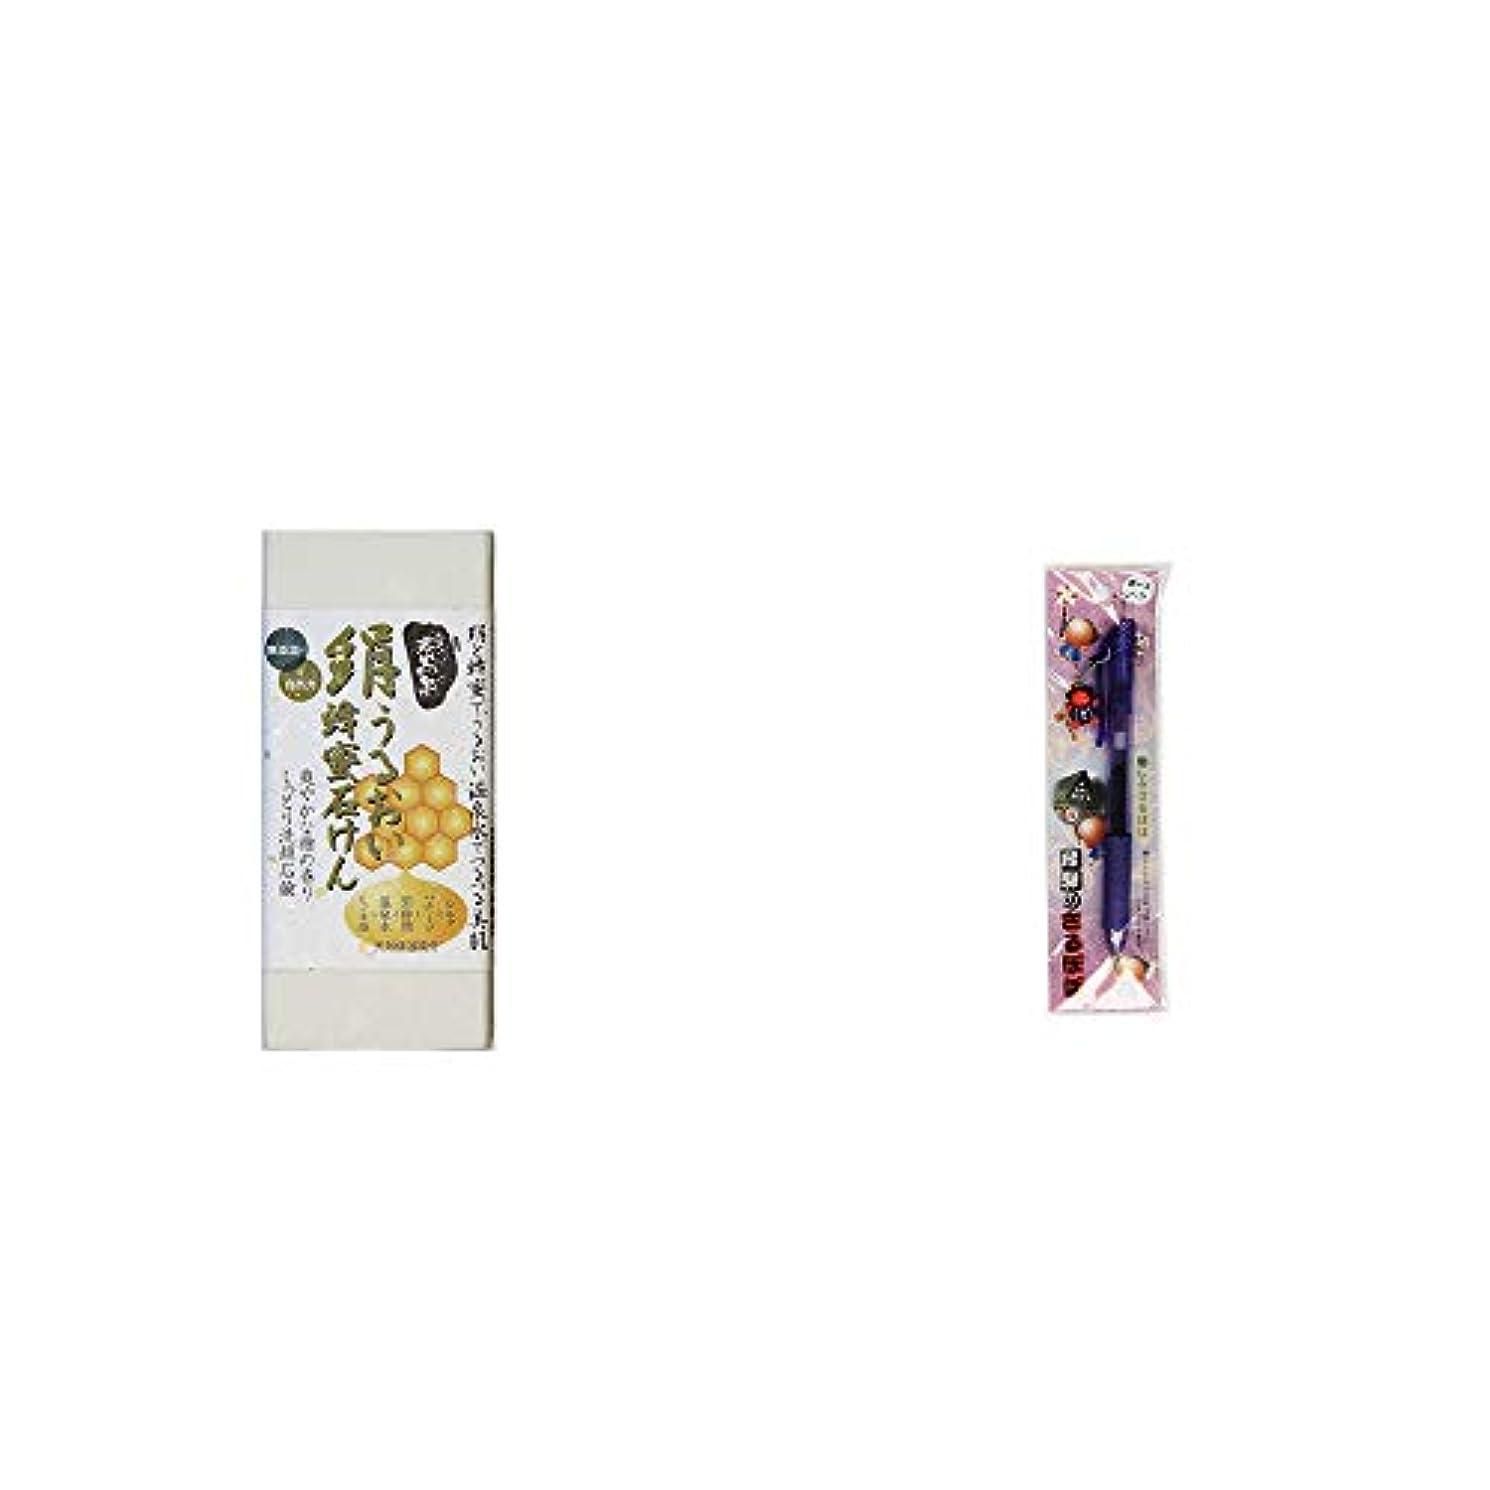 契約する本物カバー[2点セット] ひのき炭黒泉 絹うるおい蜂蜜石けん(75g×2)?さるぼぼ 癒しボールペン 【パープル】